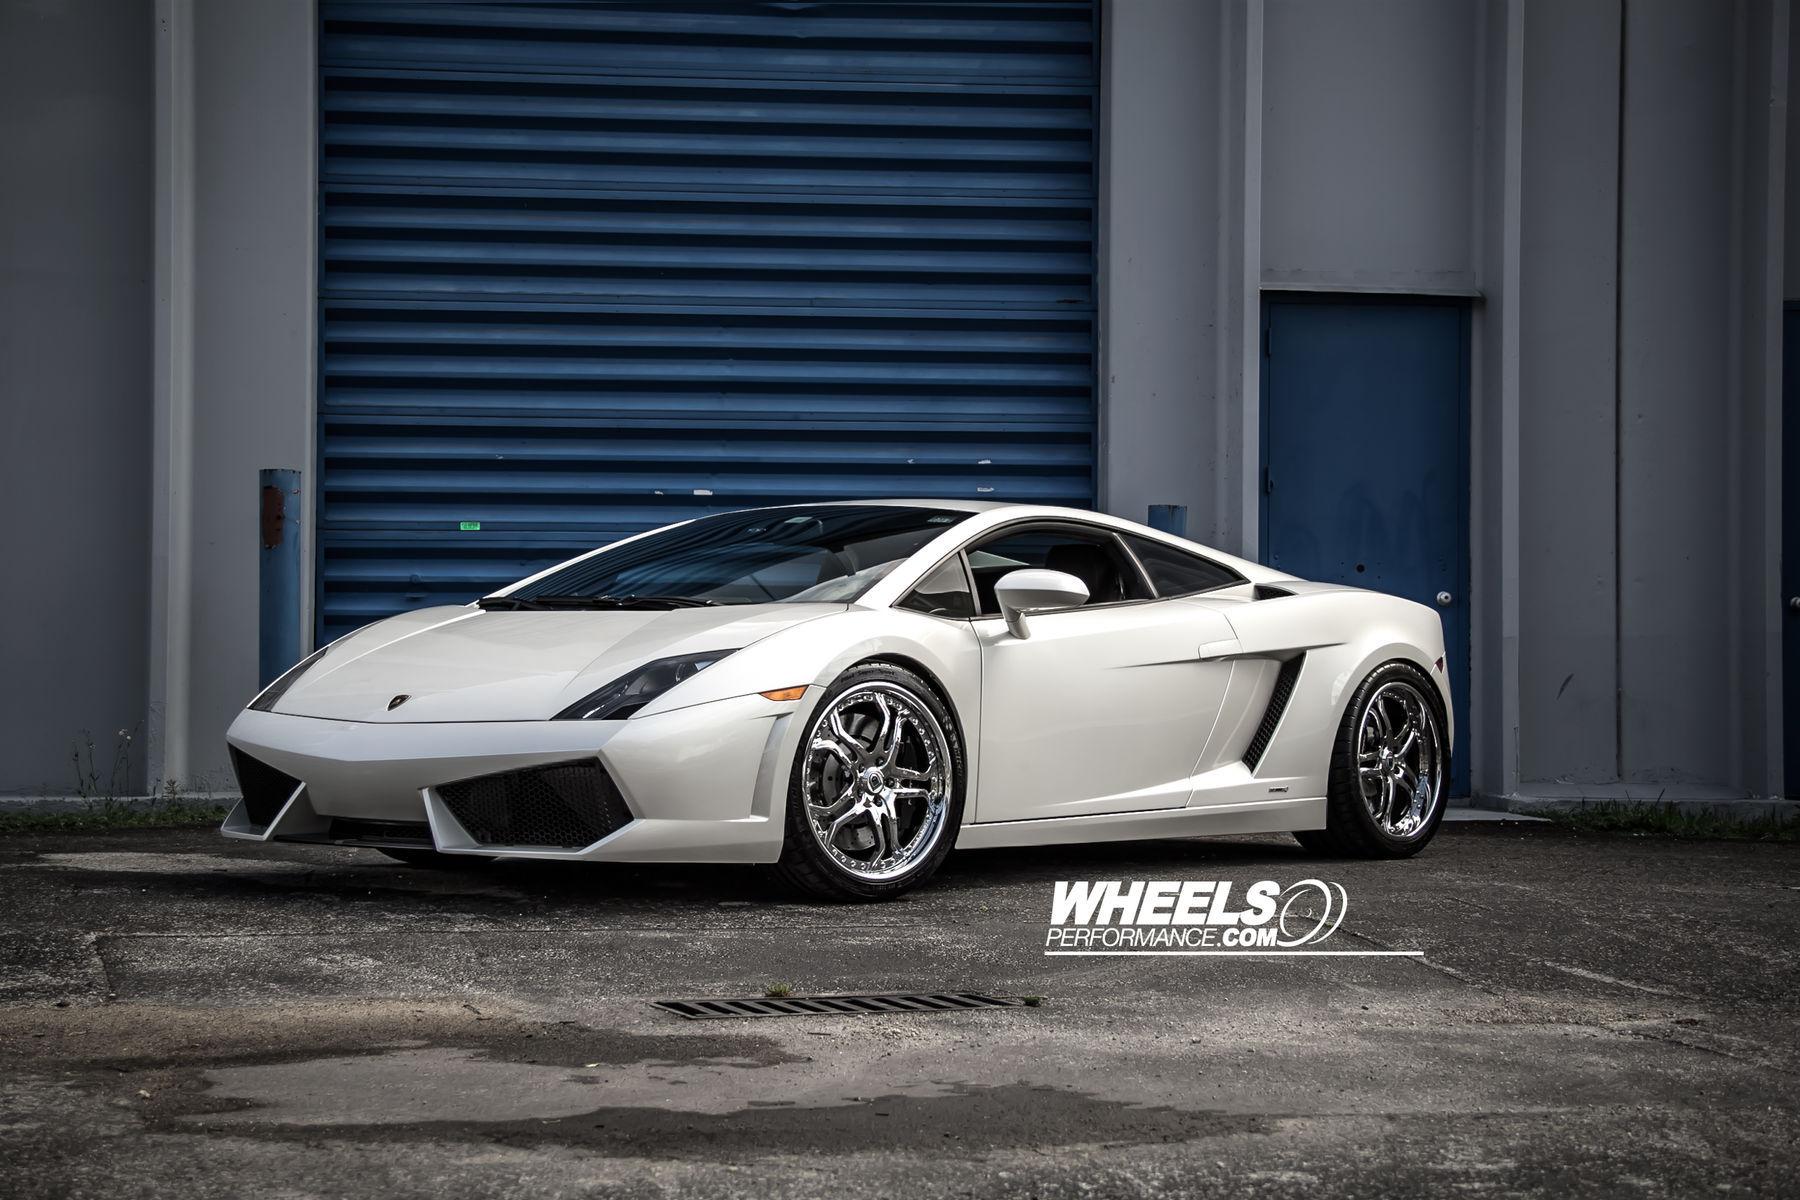 2009 Lamborghini Gallardo | OUR CLIENT'S LAMBORGHINI GALLARDO WITH 19